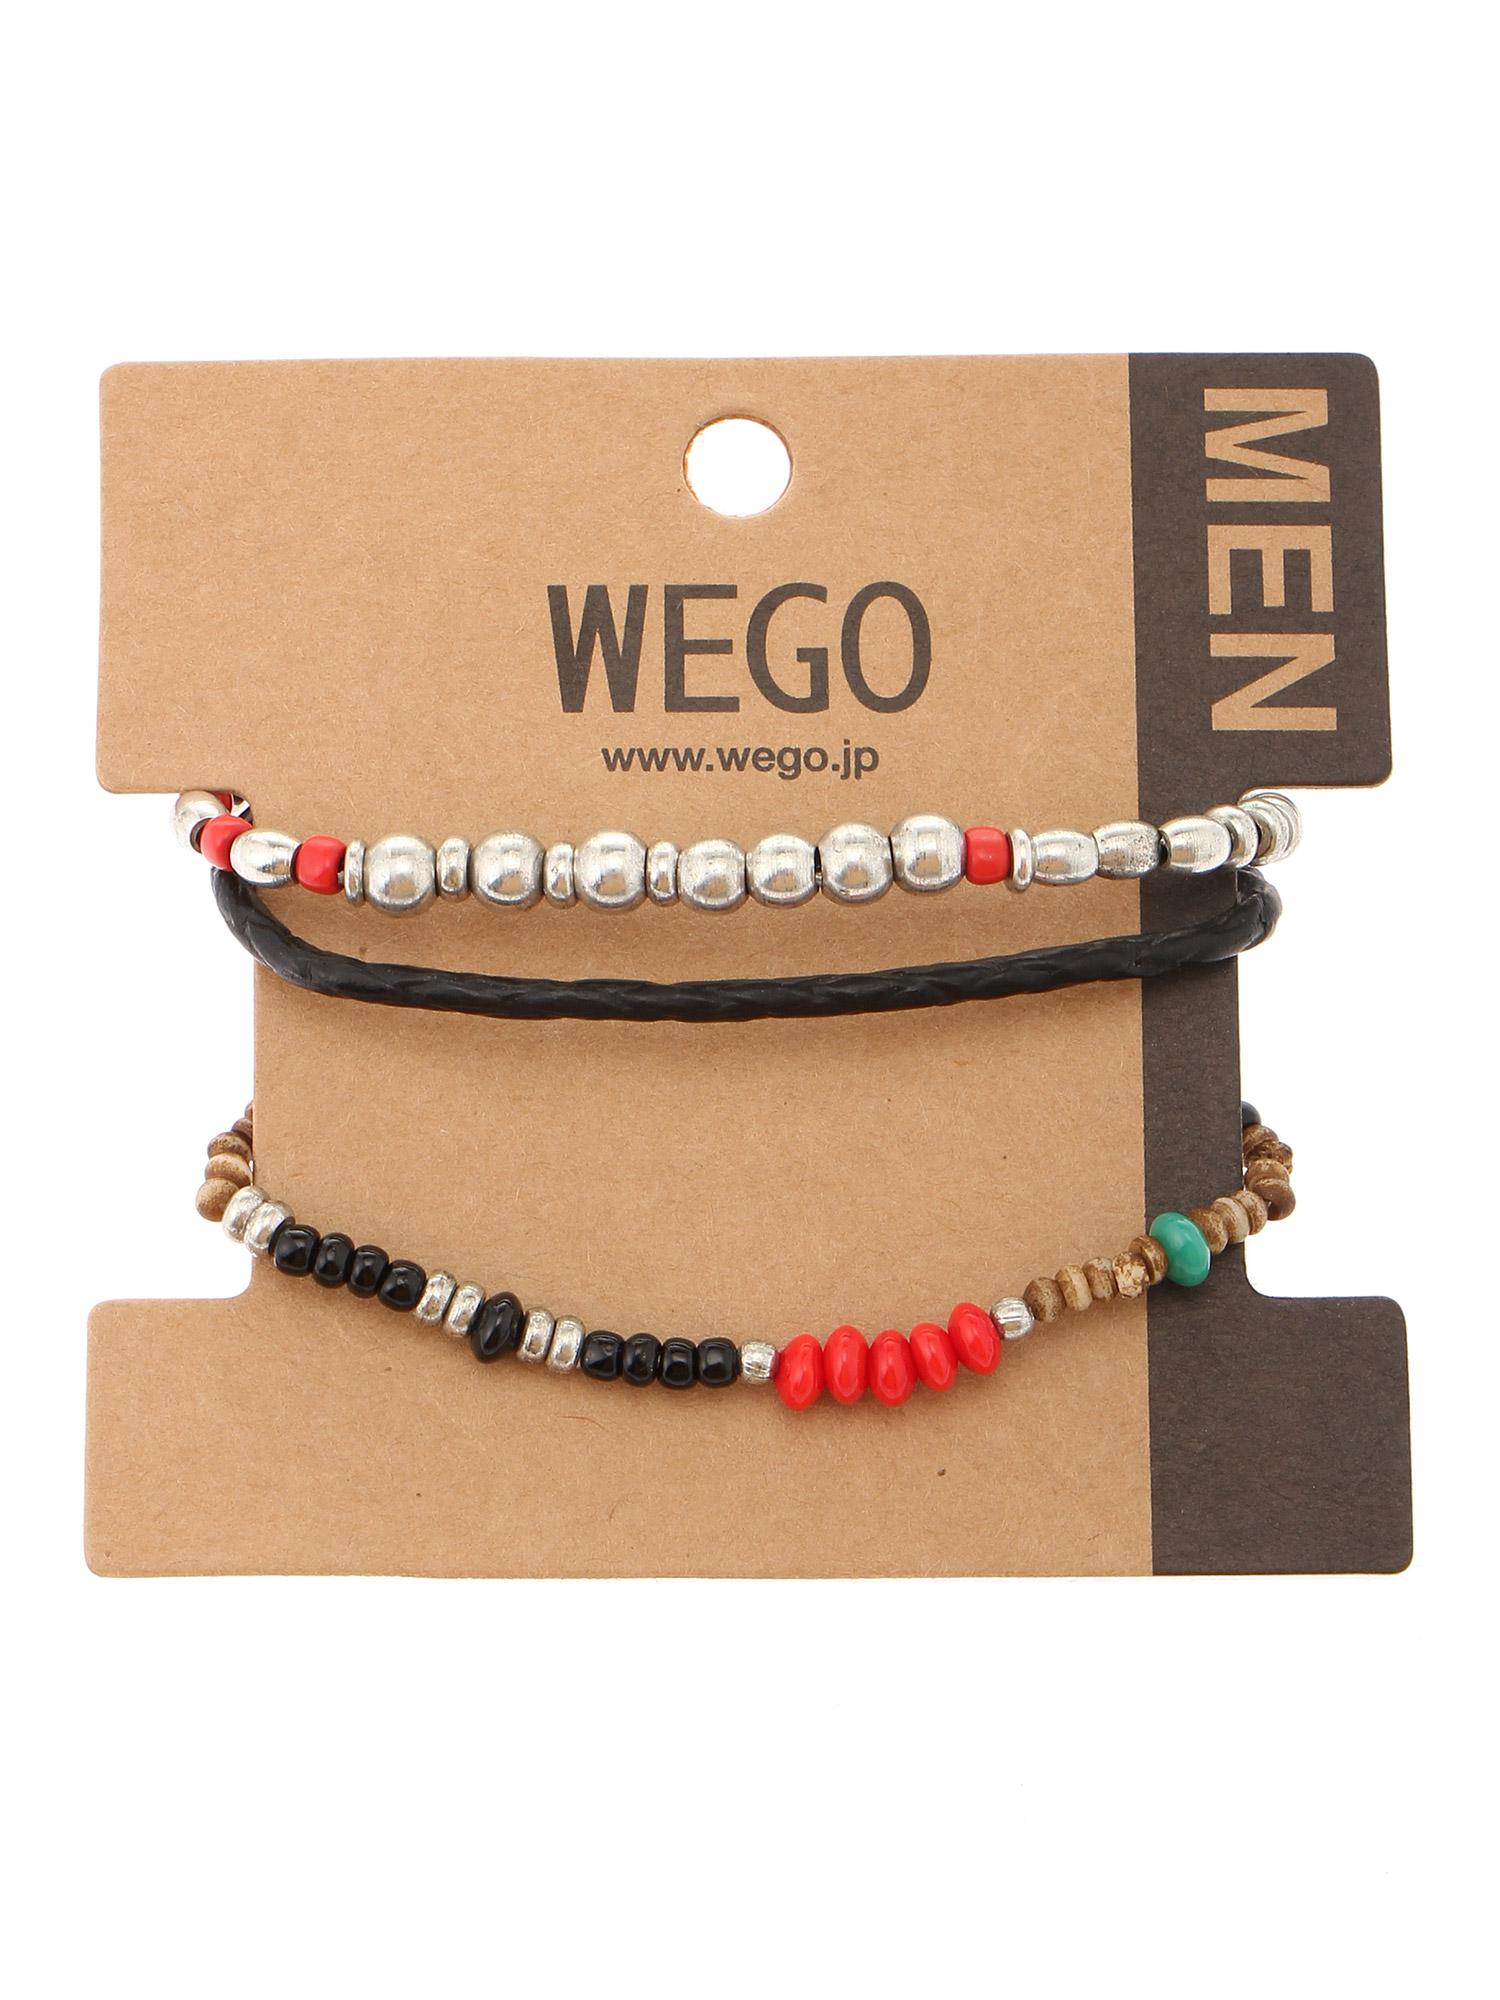 WEGO/メタルビーズセットブレスレット